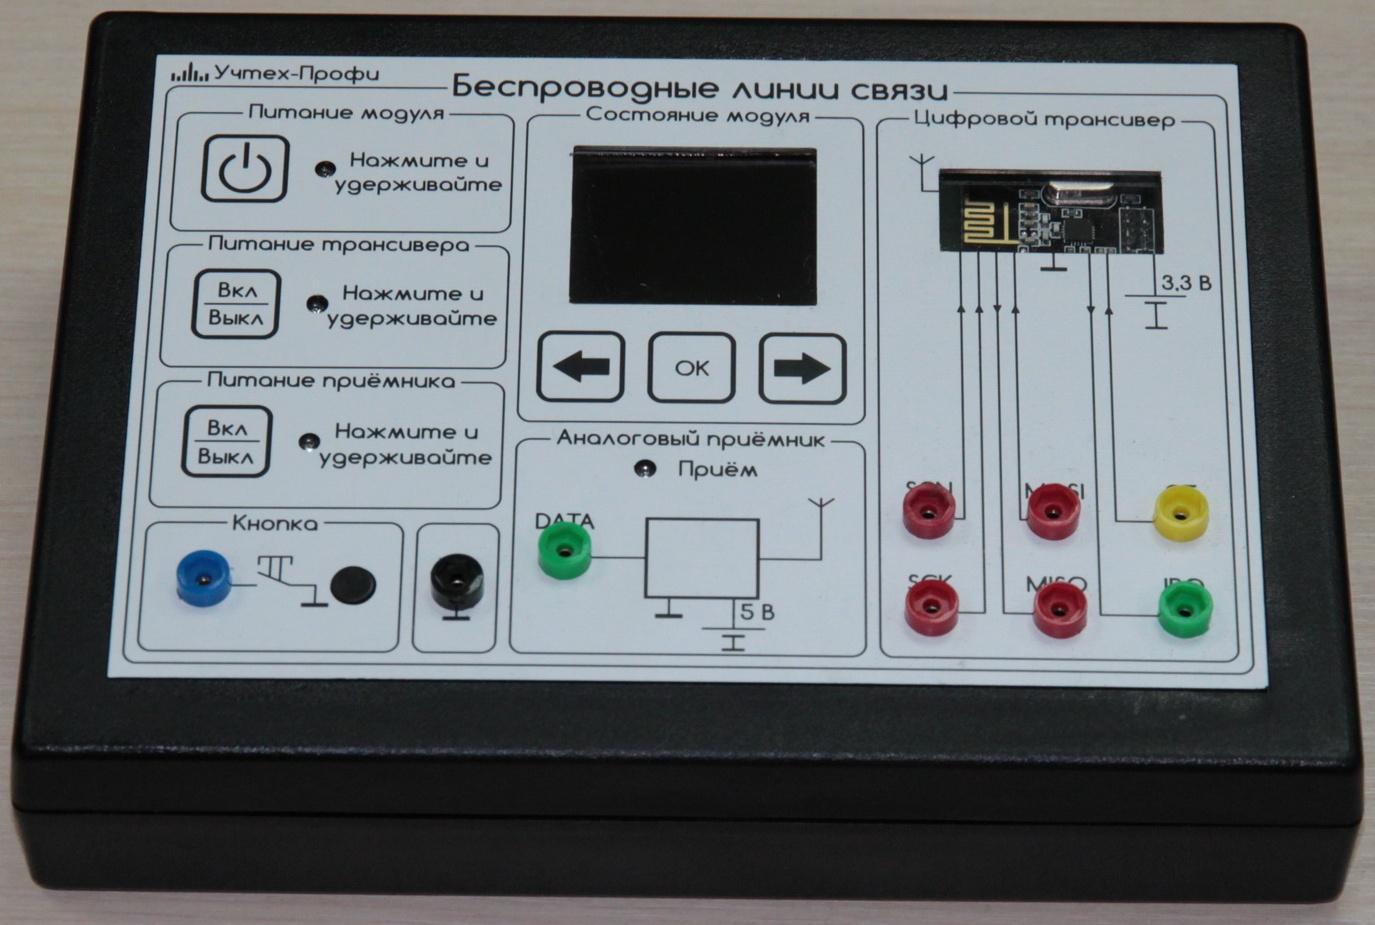 Беспроводные аналоговые и цифровые линии связи